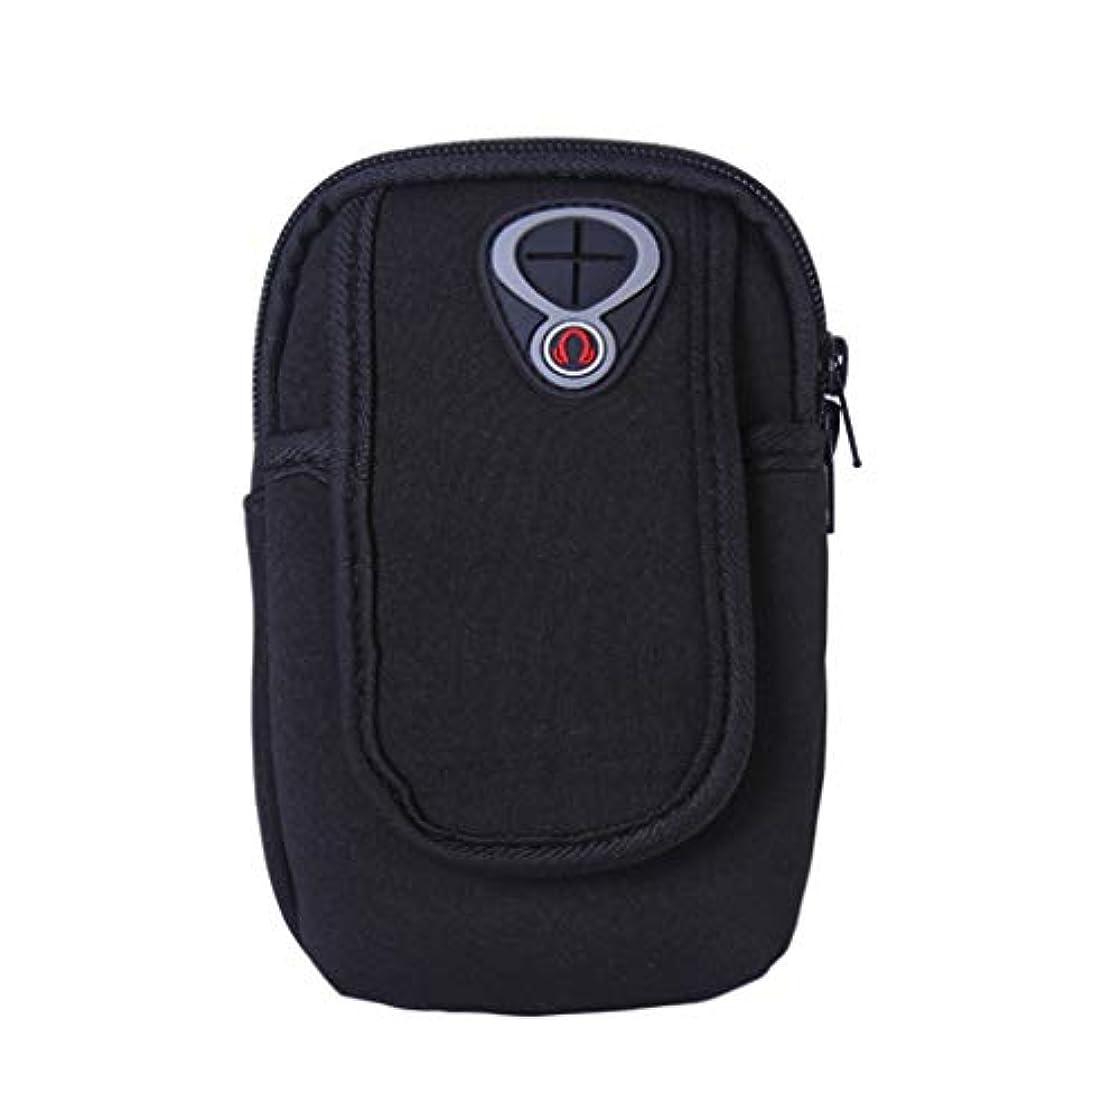 出血愛情置き場スマートフォンホルダー 携帯ケース YOKINO 通気性抜群 小物収納 防水防汗 軽量 縫い目なし 調節可能 男女共用